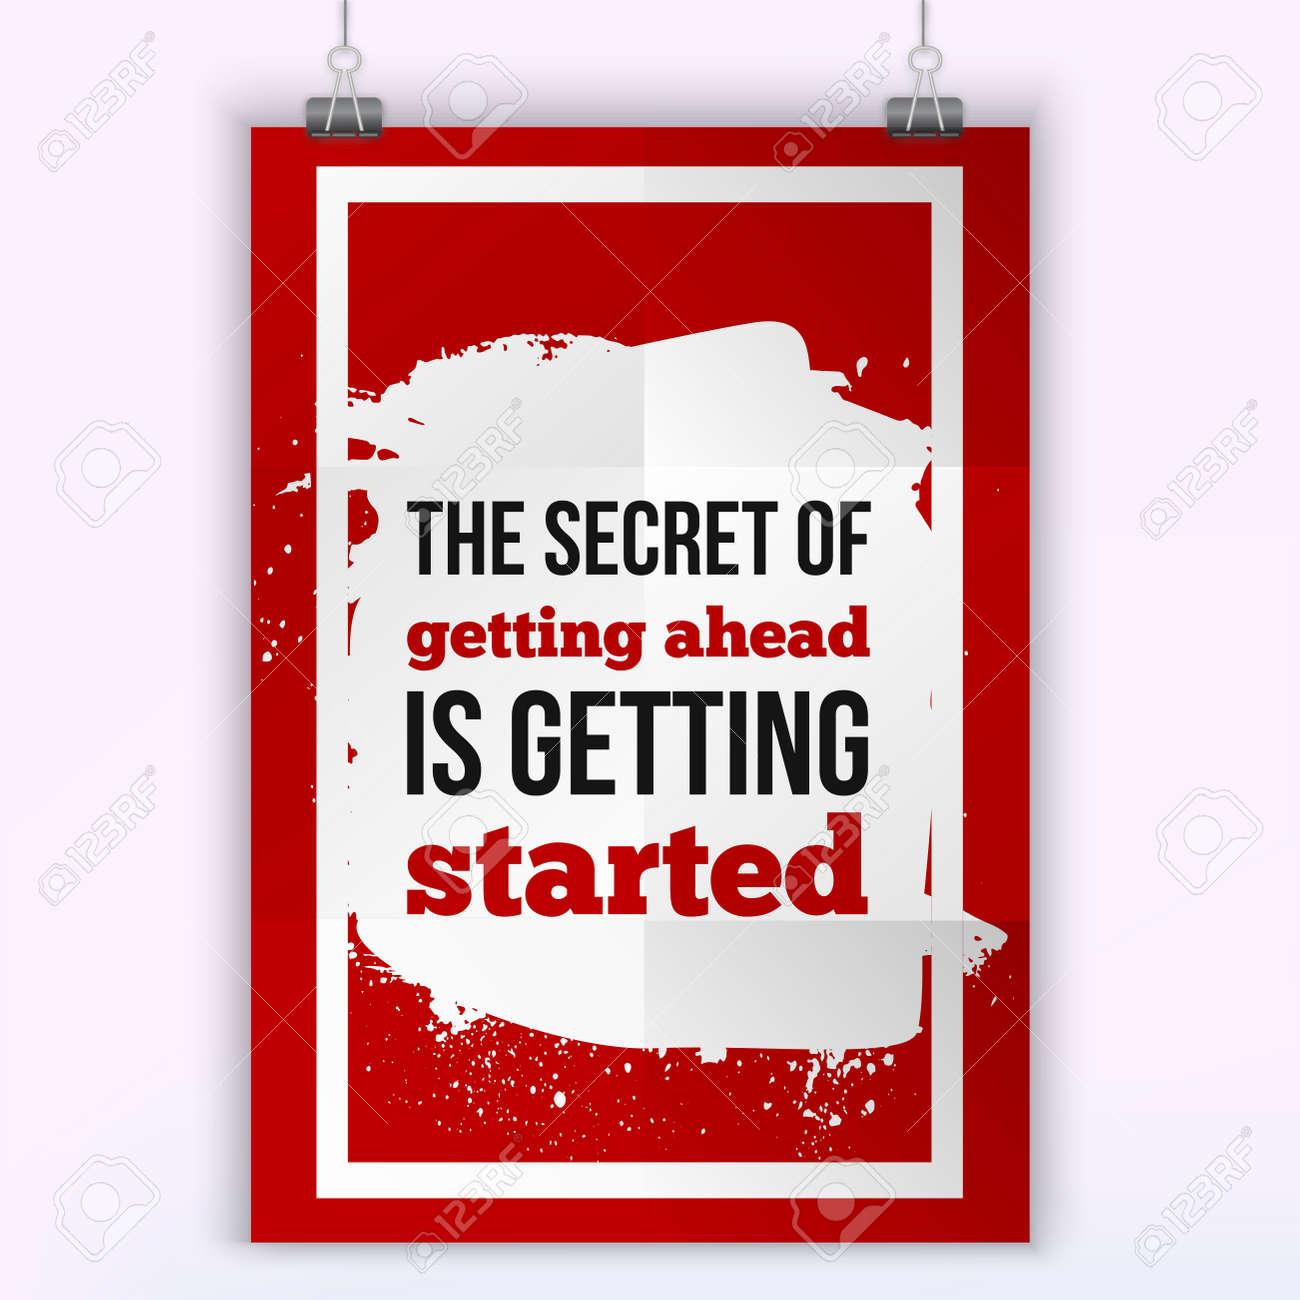 El Secreto De Salir Adelante Es Empezar Cita De La Victoria De La Motivación Plantilla De Póster Para Invitación Tarjetas De Felicitación O